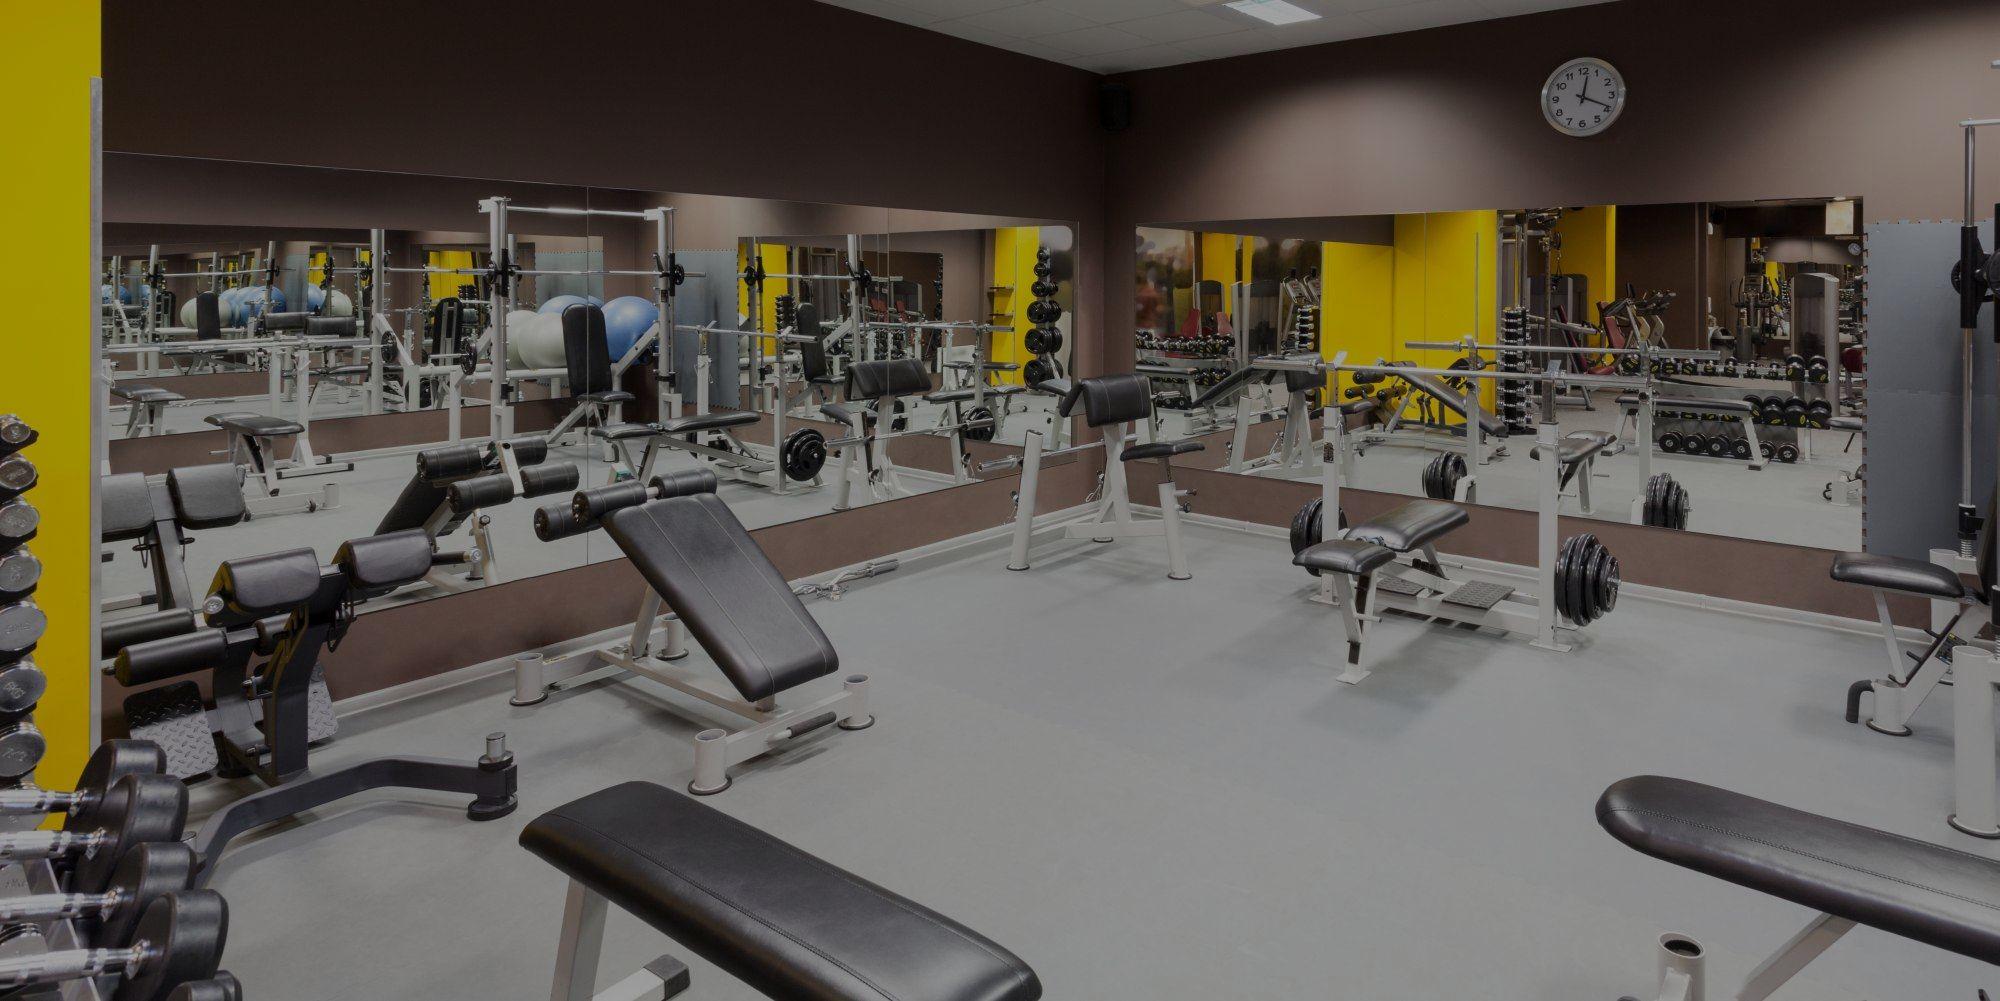 Gym Cleaning Halifax Slider